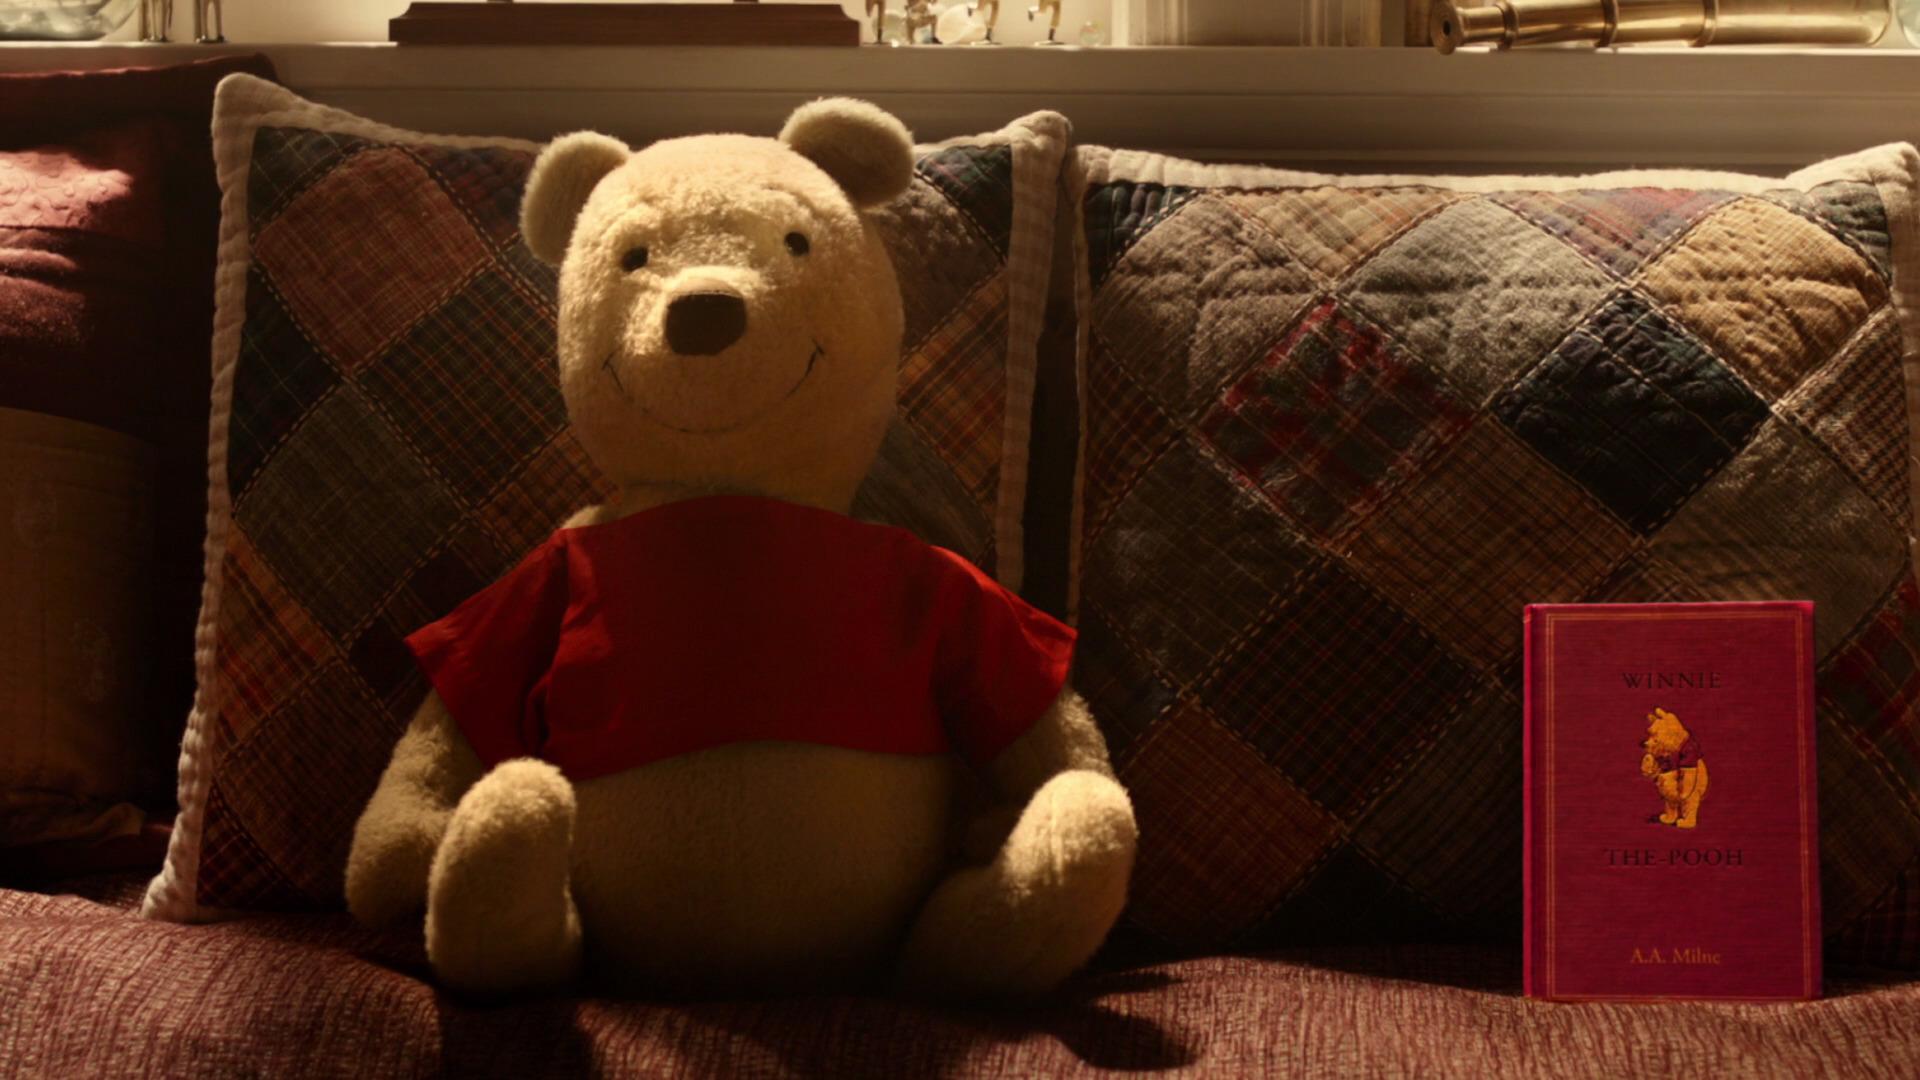 Winnie The Pooh Doll Disney Wiki Fandom Powered By Wikia